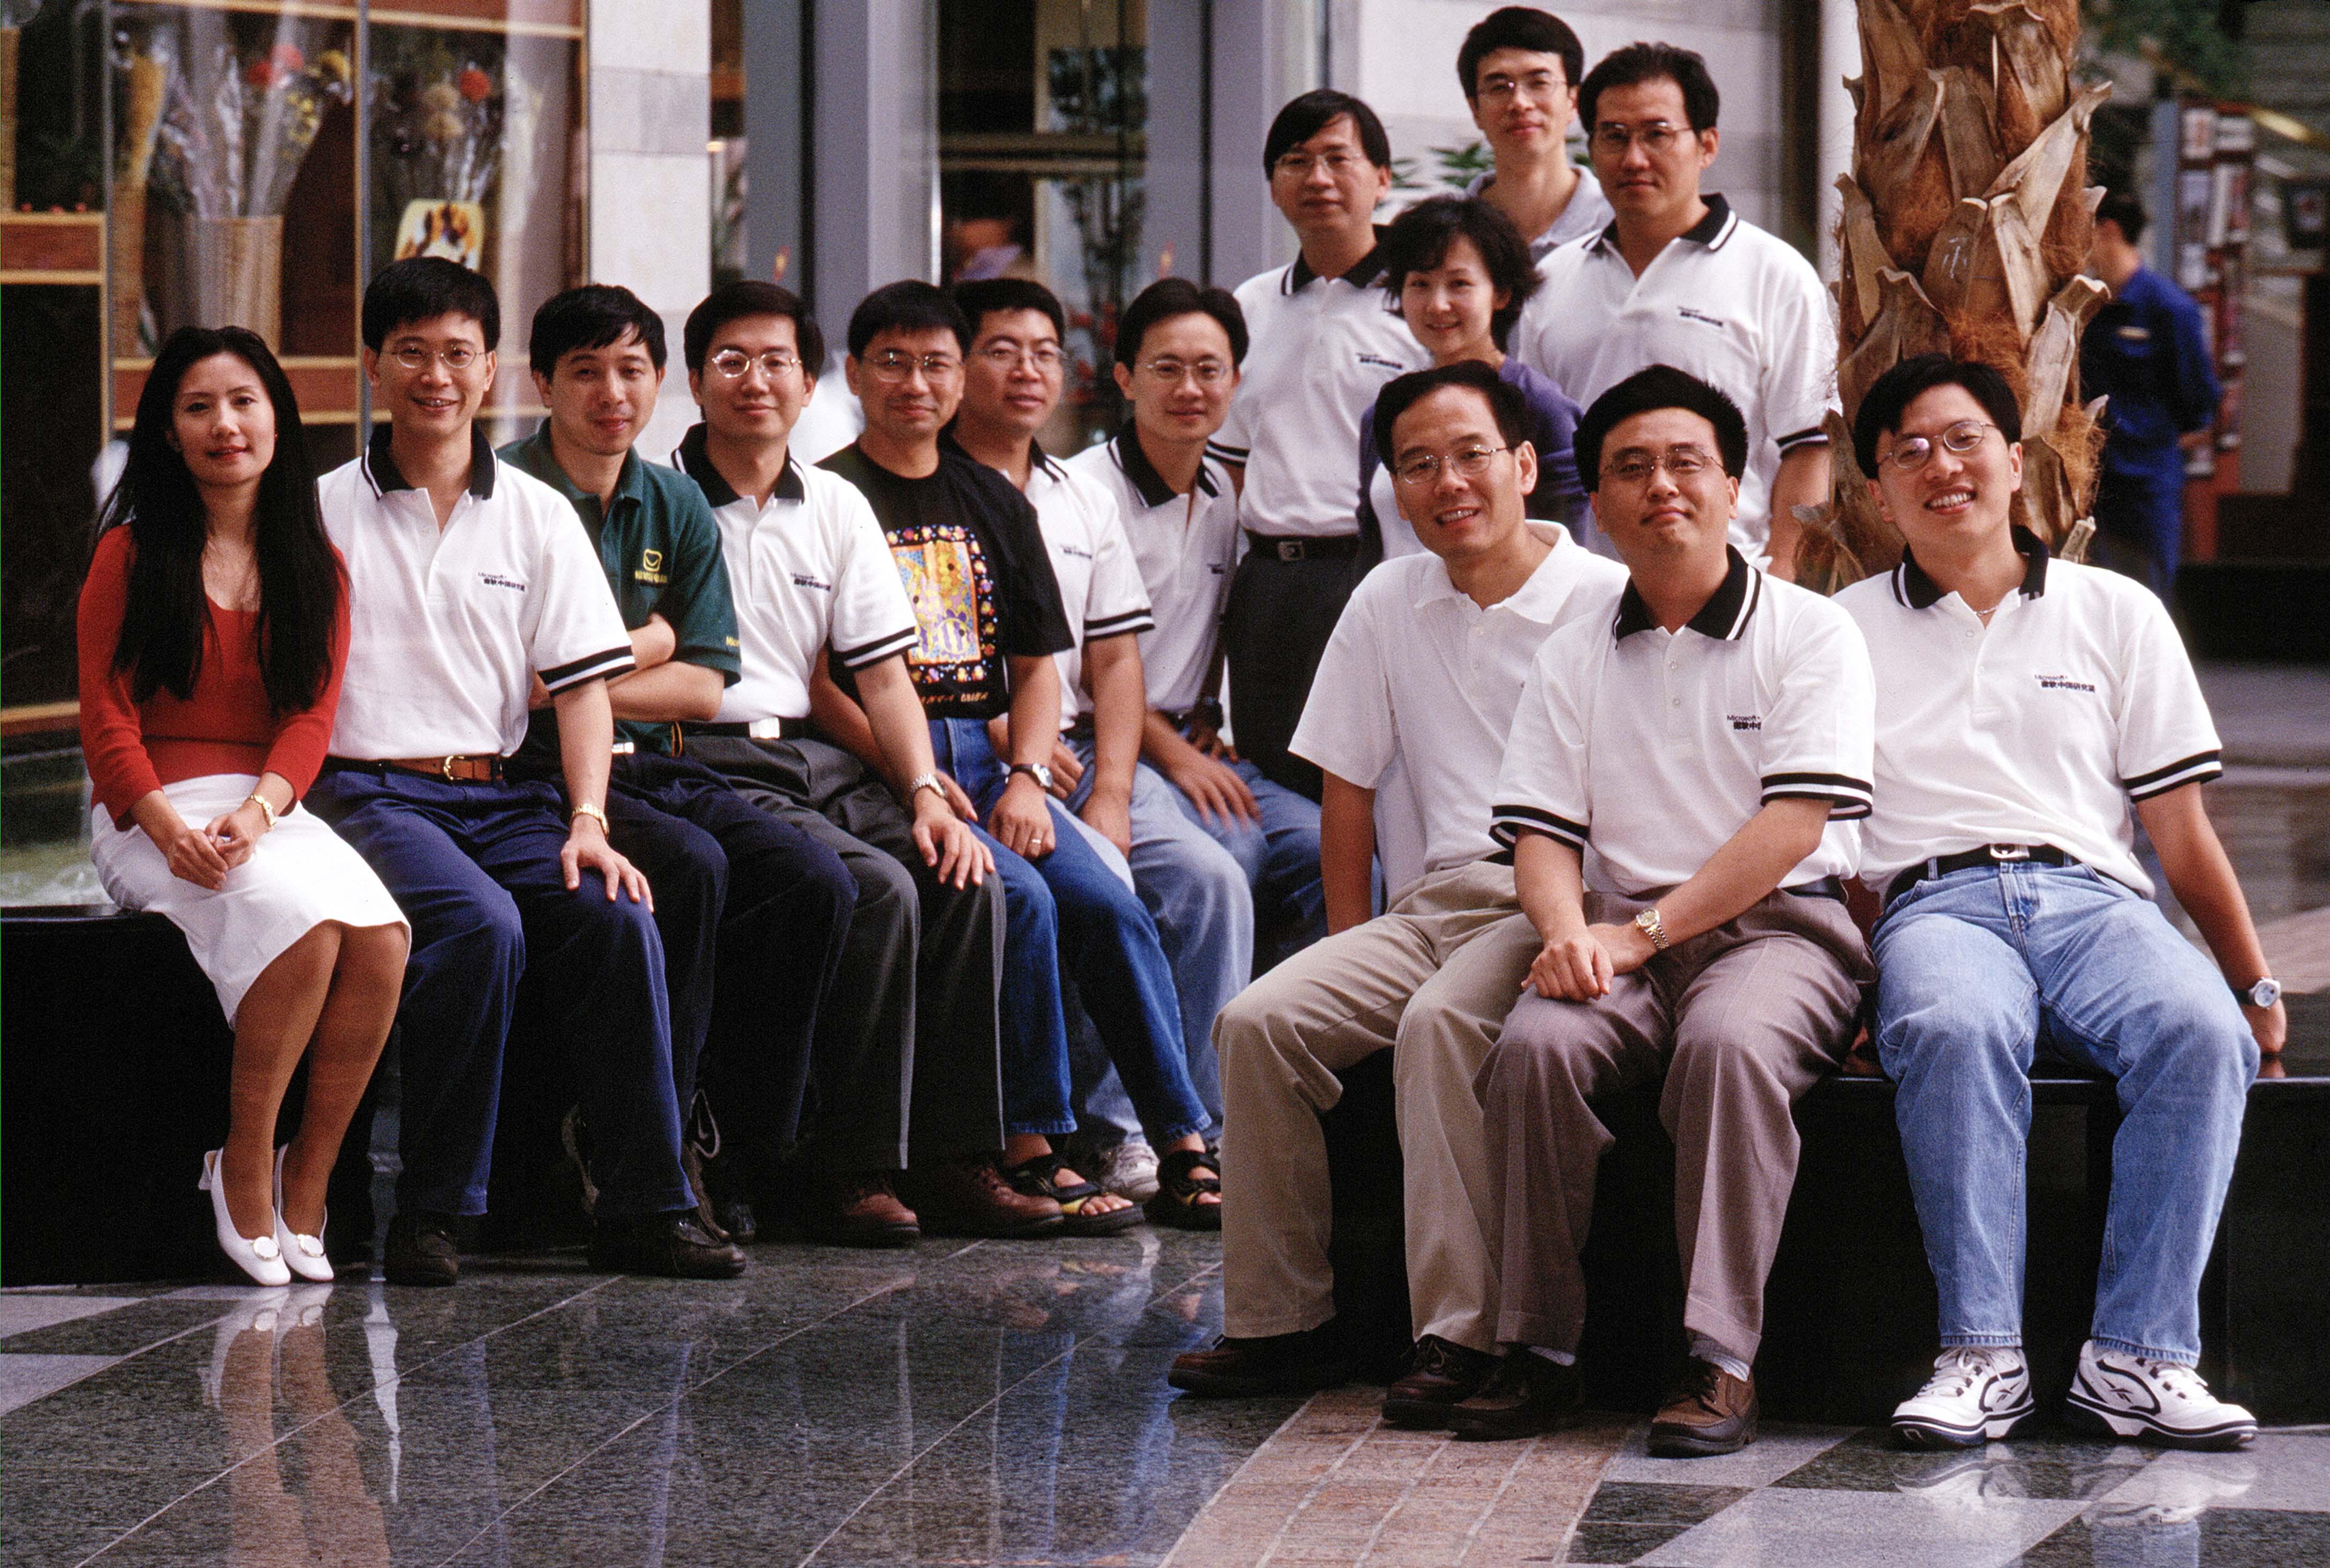 探索无人之境20年,微软亚洲研究院的初心与使命